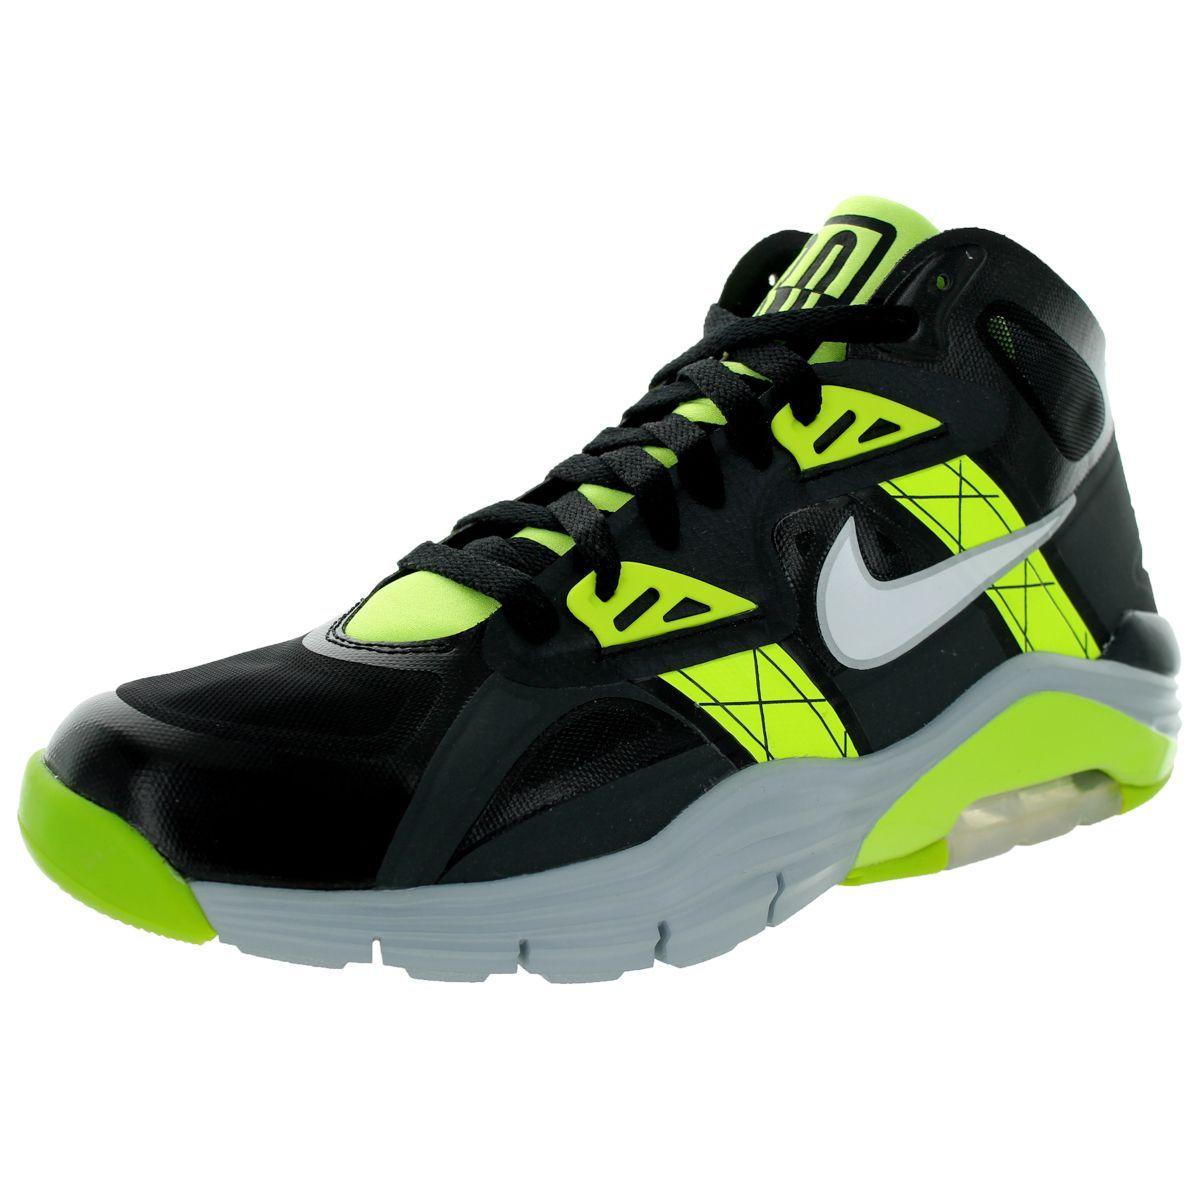 new arrival 43e58 b34f1 Nike Men s Lunar 180 Trainer SC Walking Shoes. Zapatos De EntrenamientoZapatos  Para CaminarHombres NikeBlanco ...